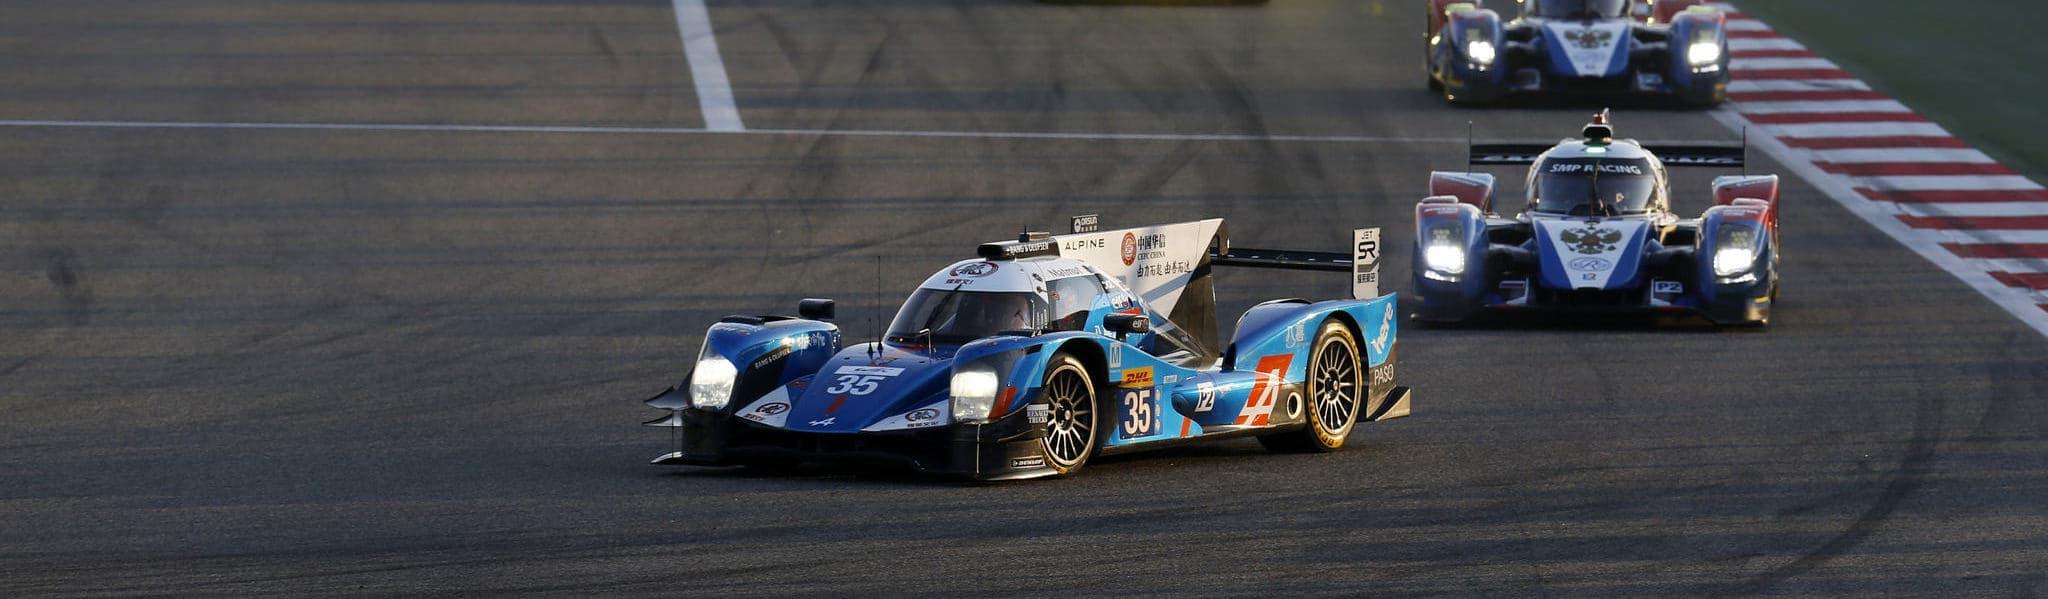 7ème et dernier podium pour Alpine à Bahreïn !